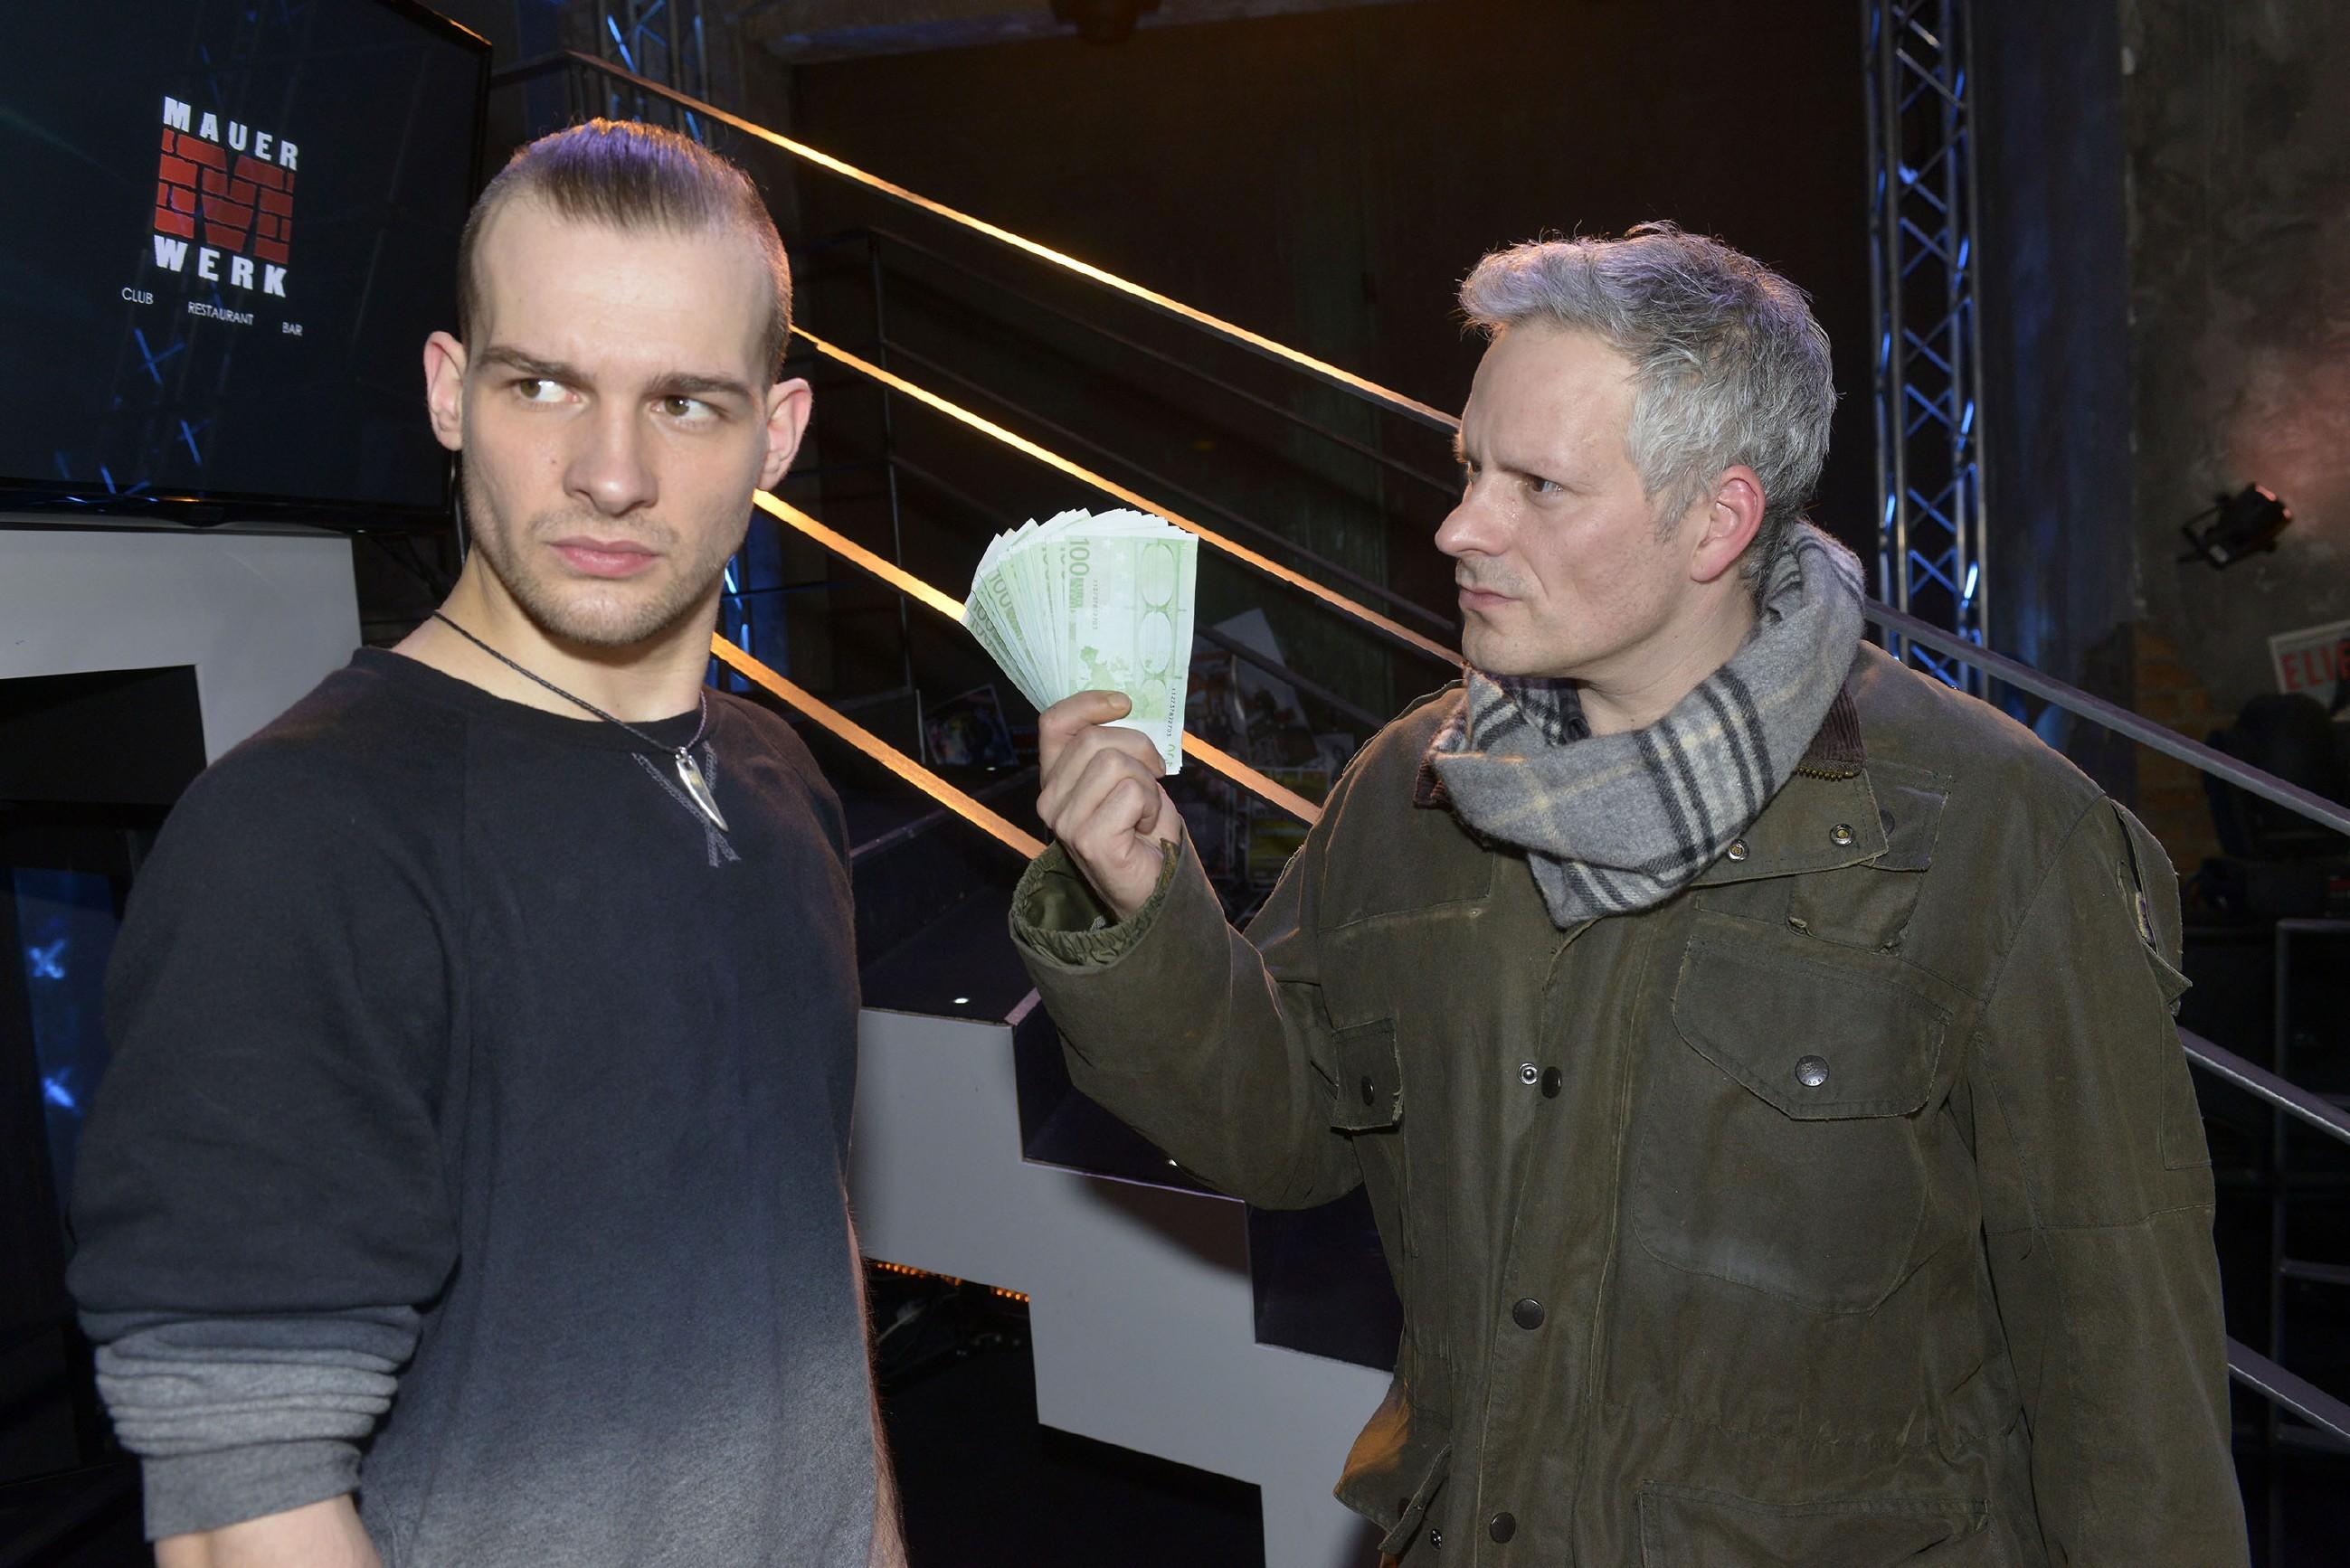 Chris (Eric Stehfest, l.) ist entsetzt, als ihn sein Entlastungszeuge Thorsten Münzer (Daniel Hildebrandt) der Bestechung beschuldigt. (Quelle: RTL / Rolf Baumgartner)